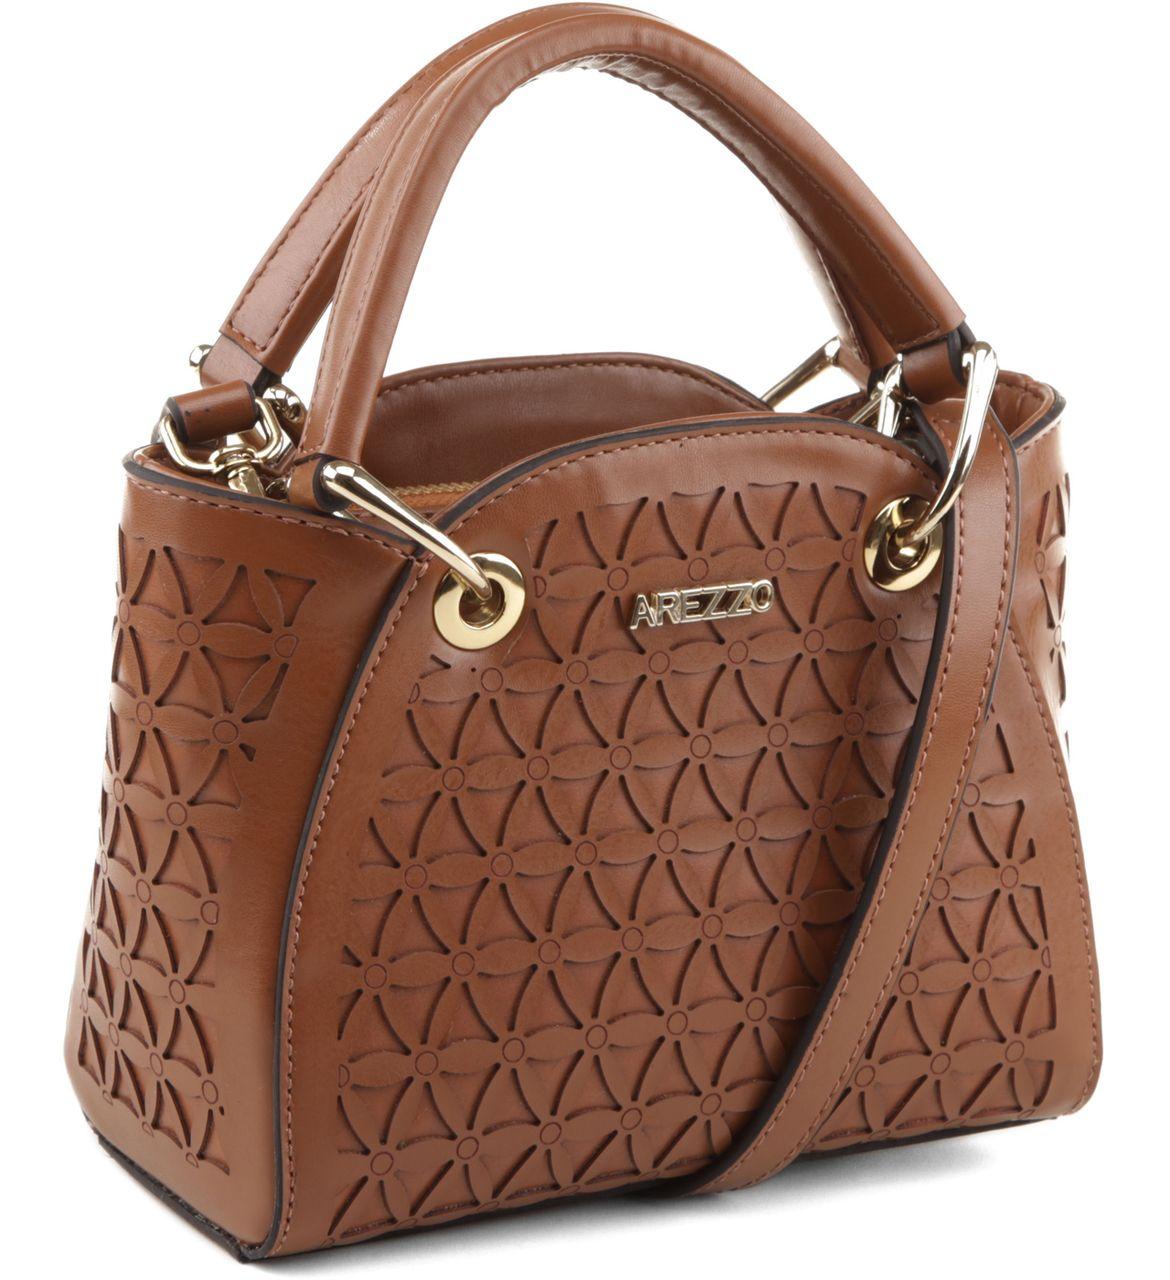 d59a9d4e6 Bolsa Suki Tiracolo Amber | Arezzo | bolsas femininas importadas ...